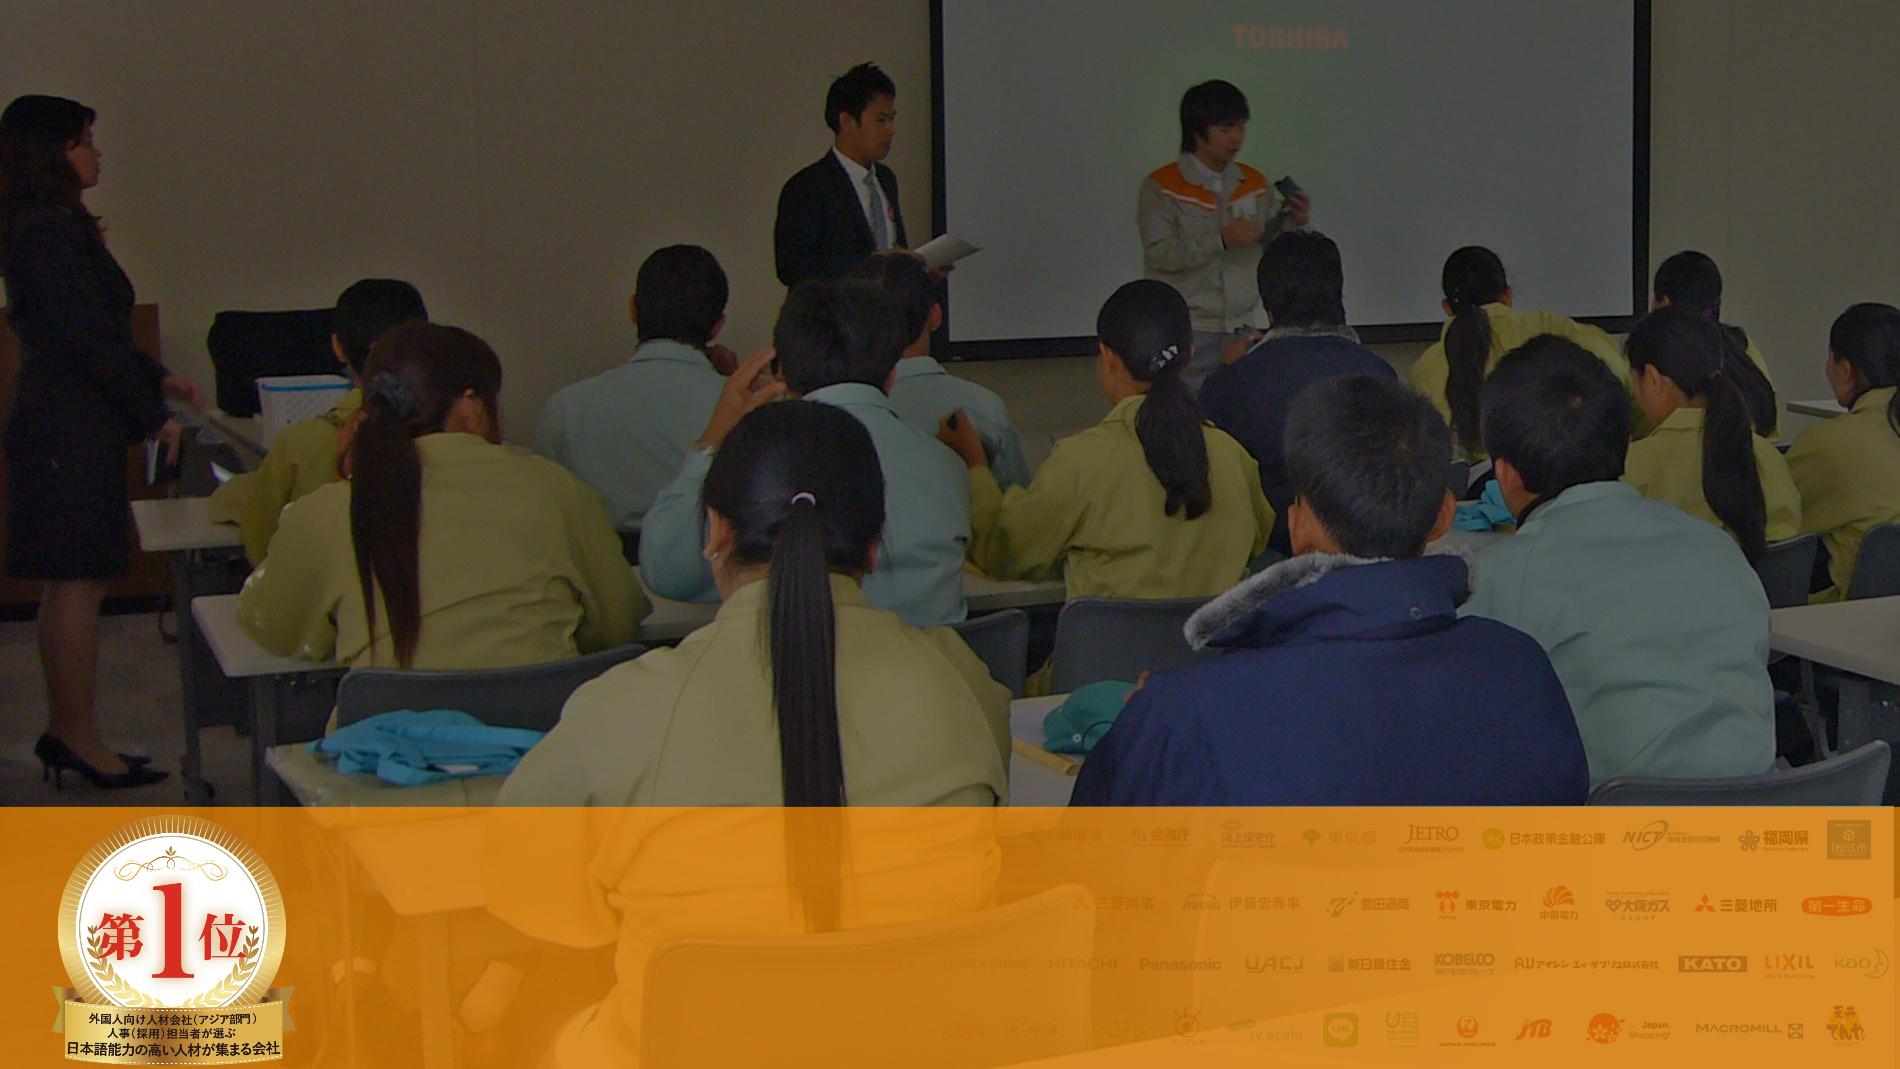 ベトナム人技能実習生通訳